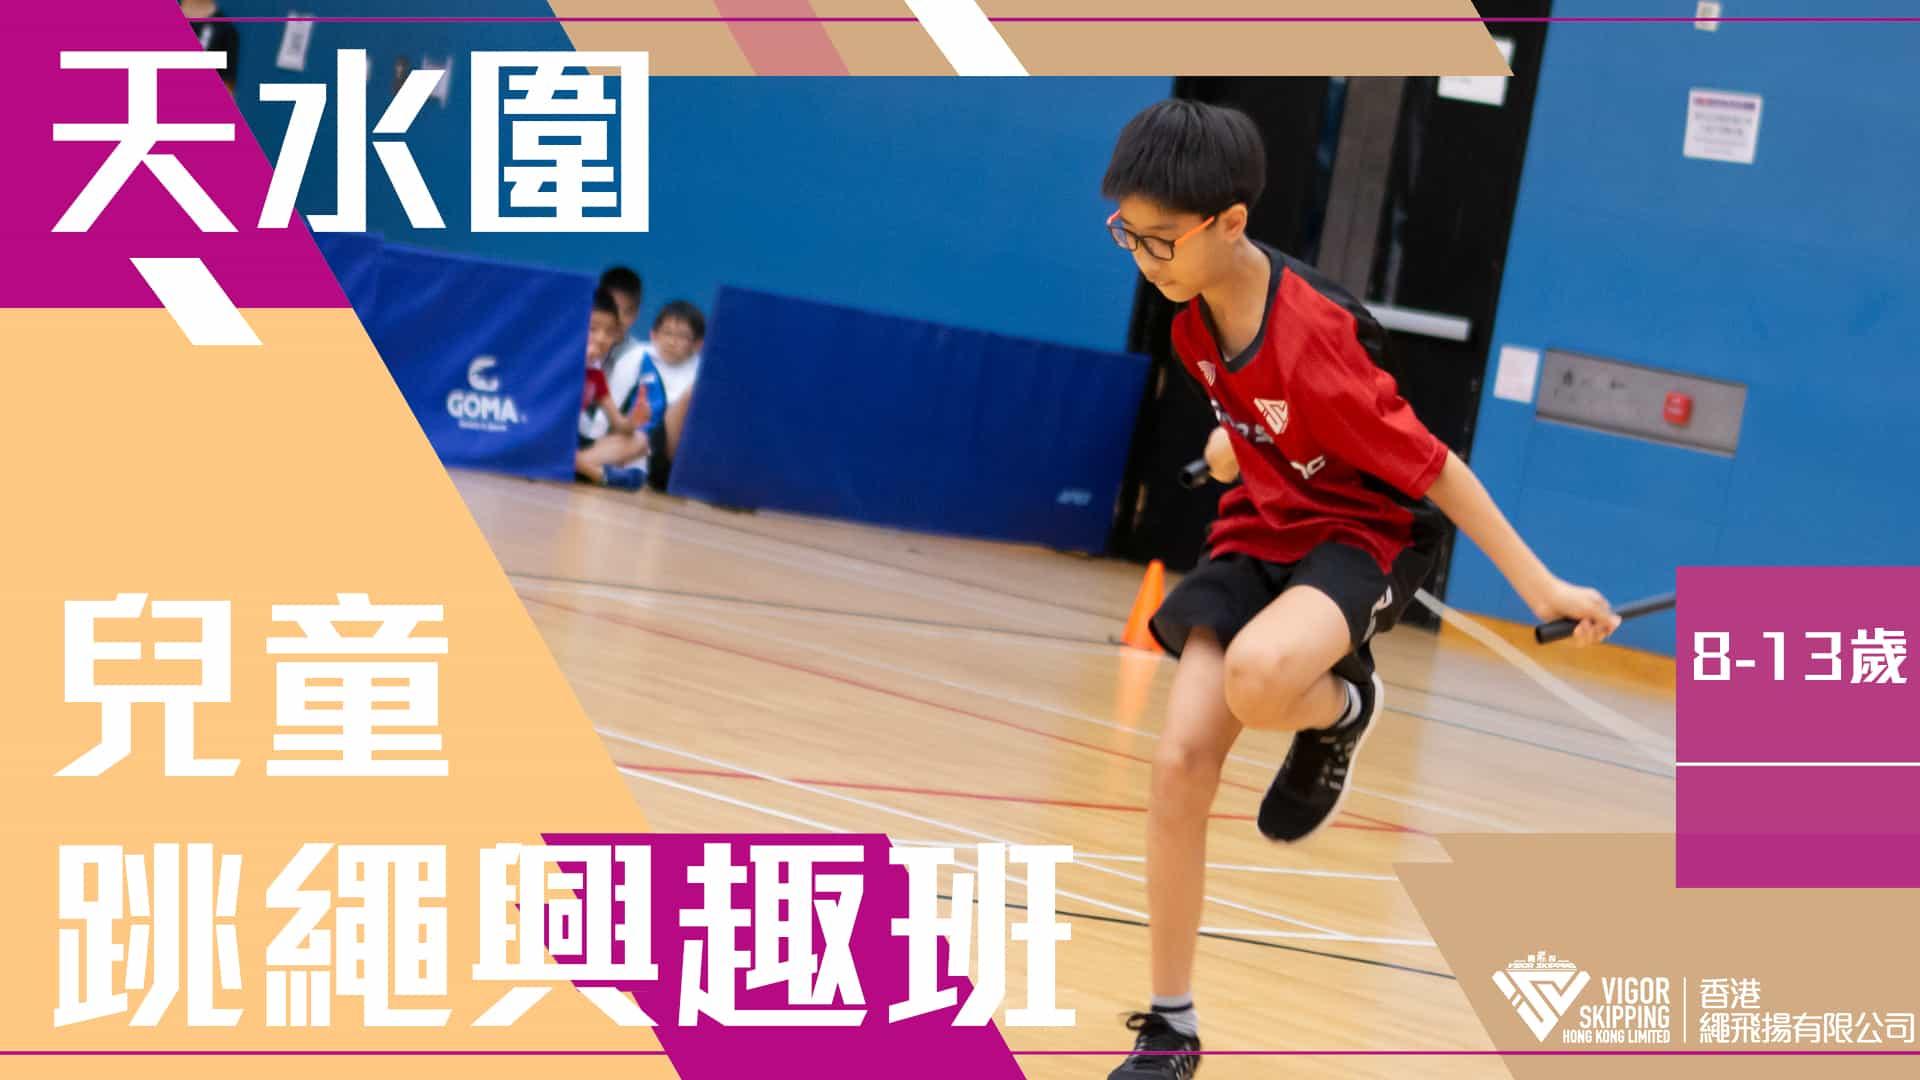 天水圍-兒童跳繩興趣班-分區跳繩班-花式跳繩-ropeskipping-繩飛揚-VSHK